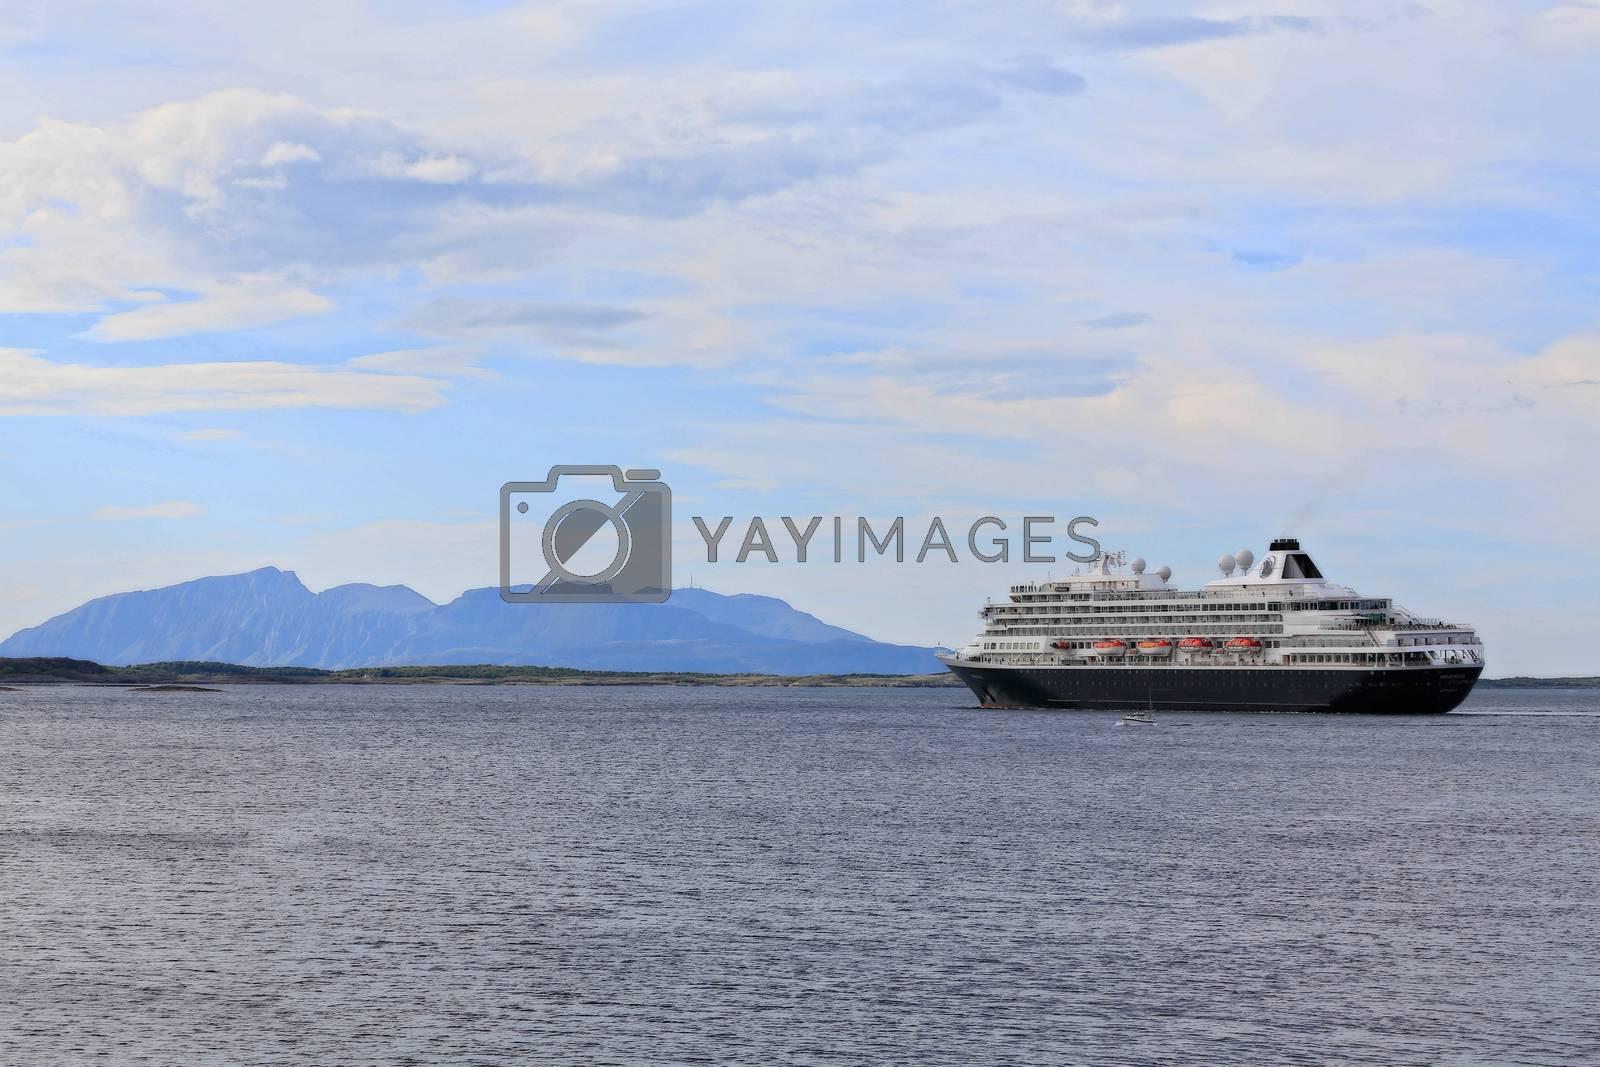 Nederlanske M.S. PRINSENDAM  Designet for å utforske de avsidesliggende delene av verden i eleganse og stil. Imøtekommende bare 835 passasjerer, gir hun gjestene følelsen av en klassisk yacht med romslighet av et cruiseskip.